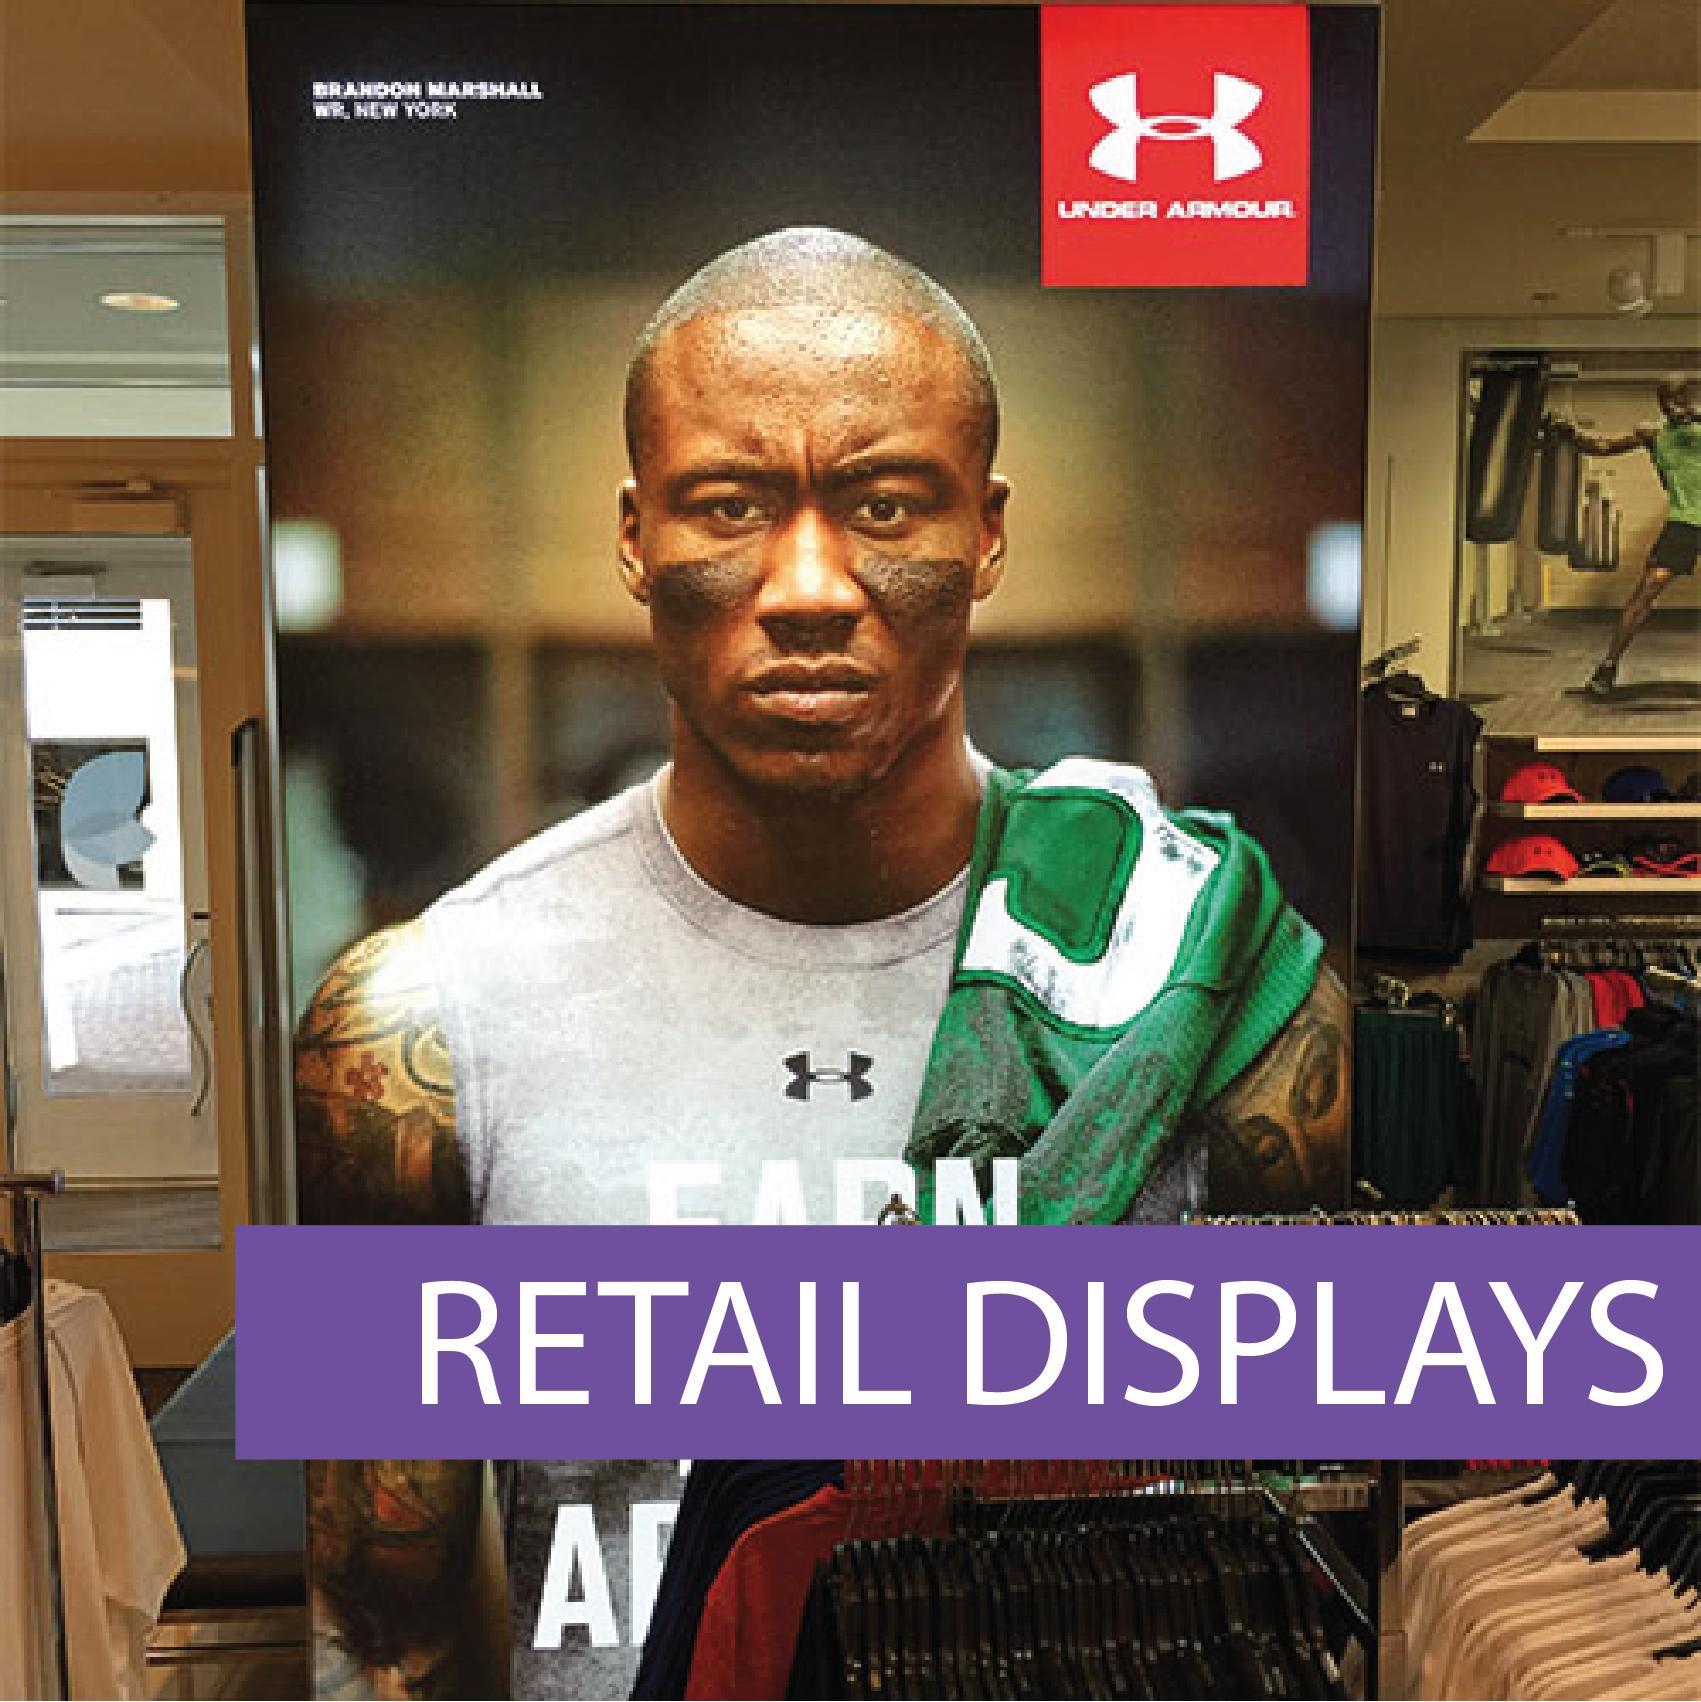 Matrix frame retail displays